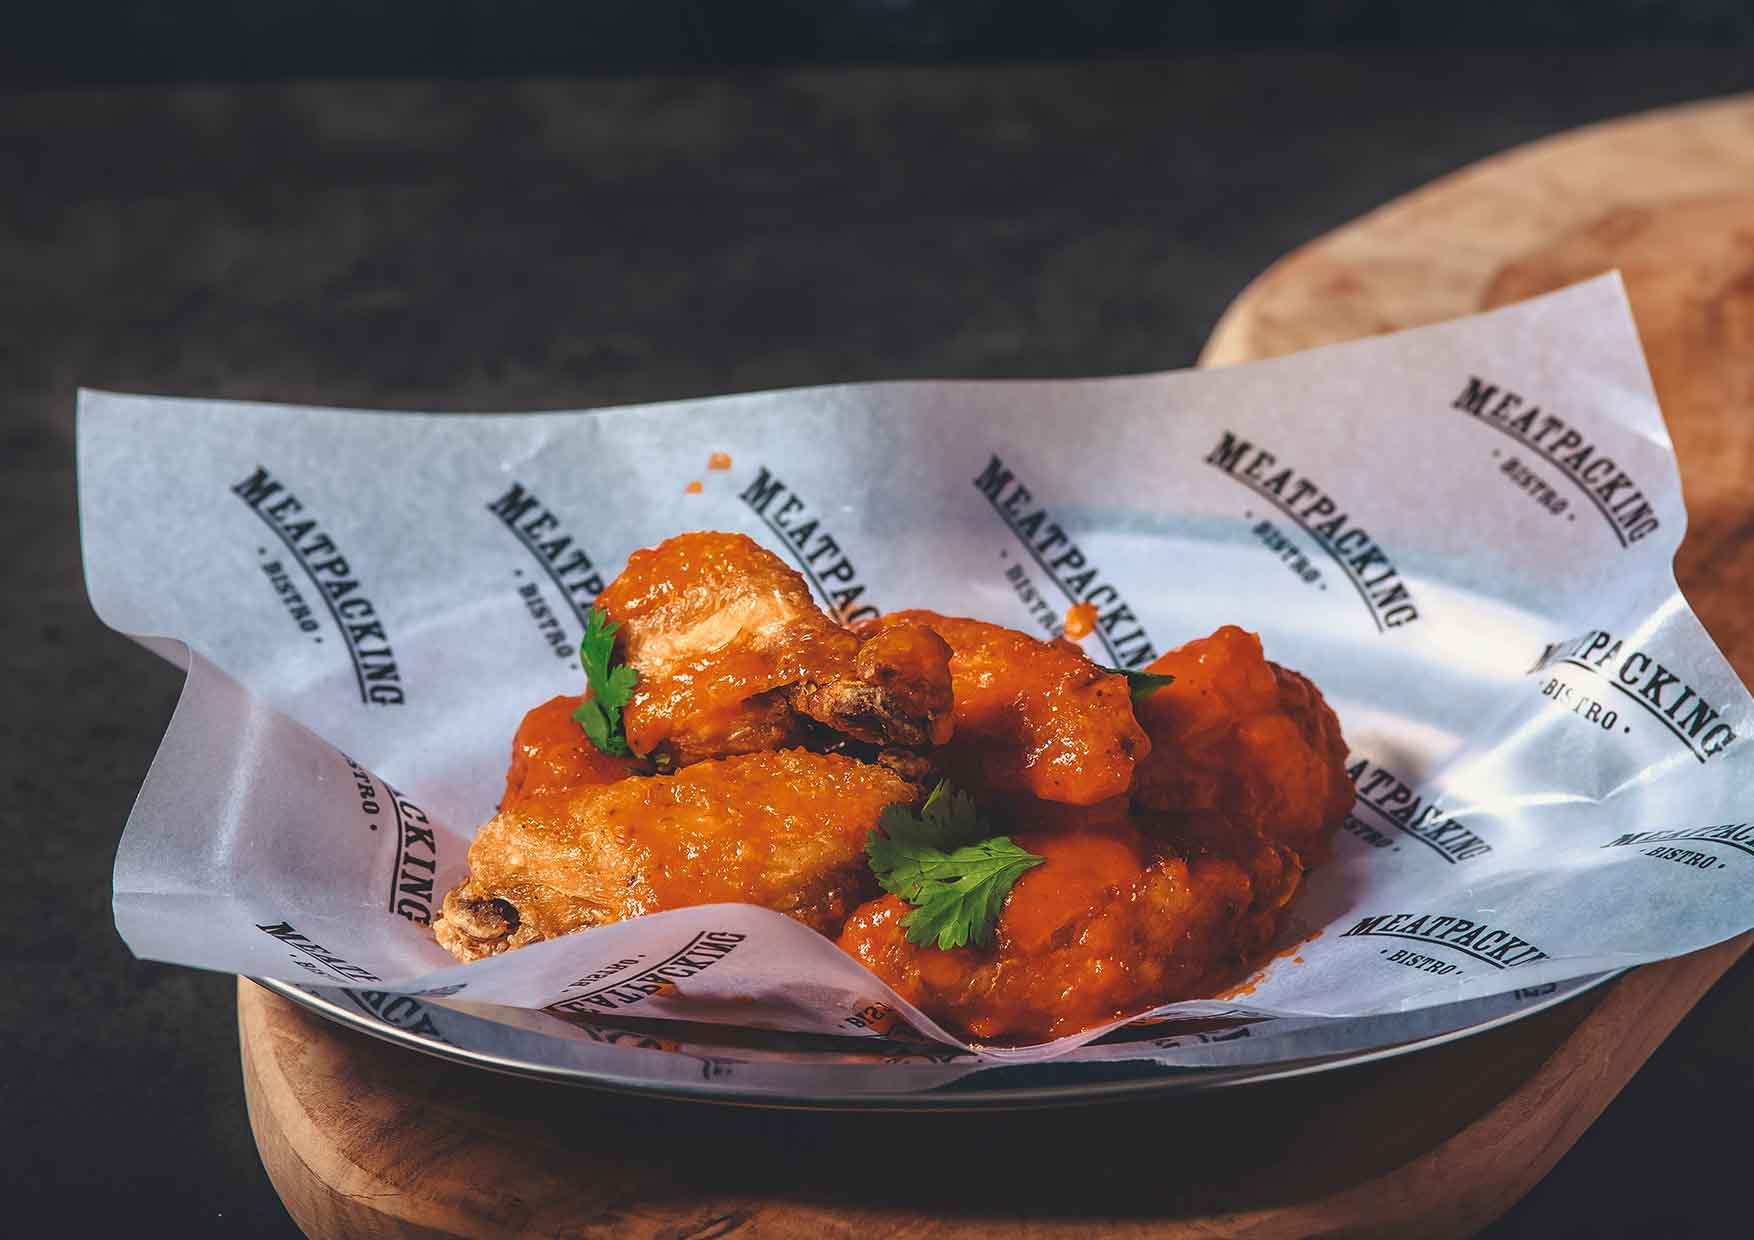 Buffalo Chicken Wings - comida a domicilio cerca de mi - Meatpacking